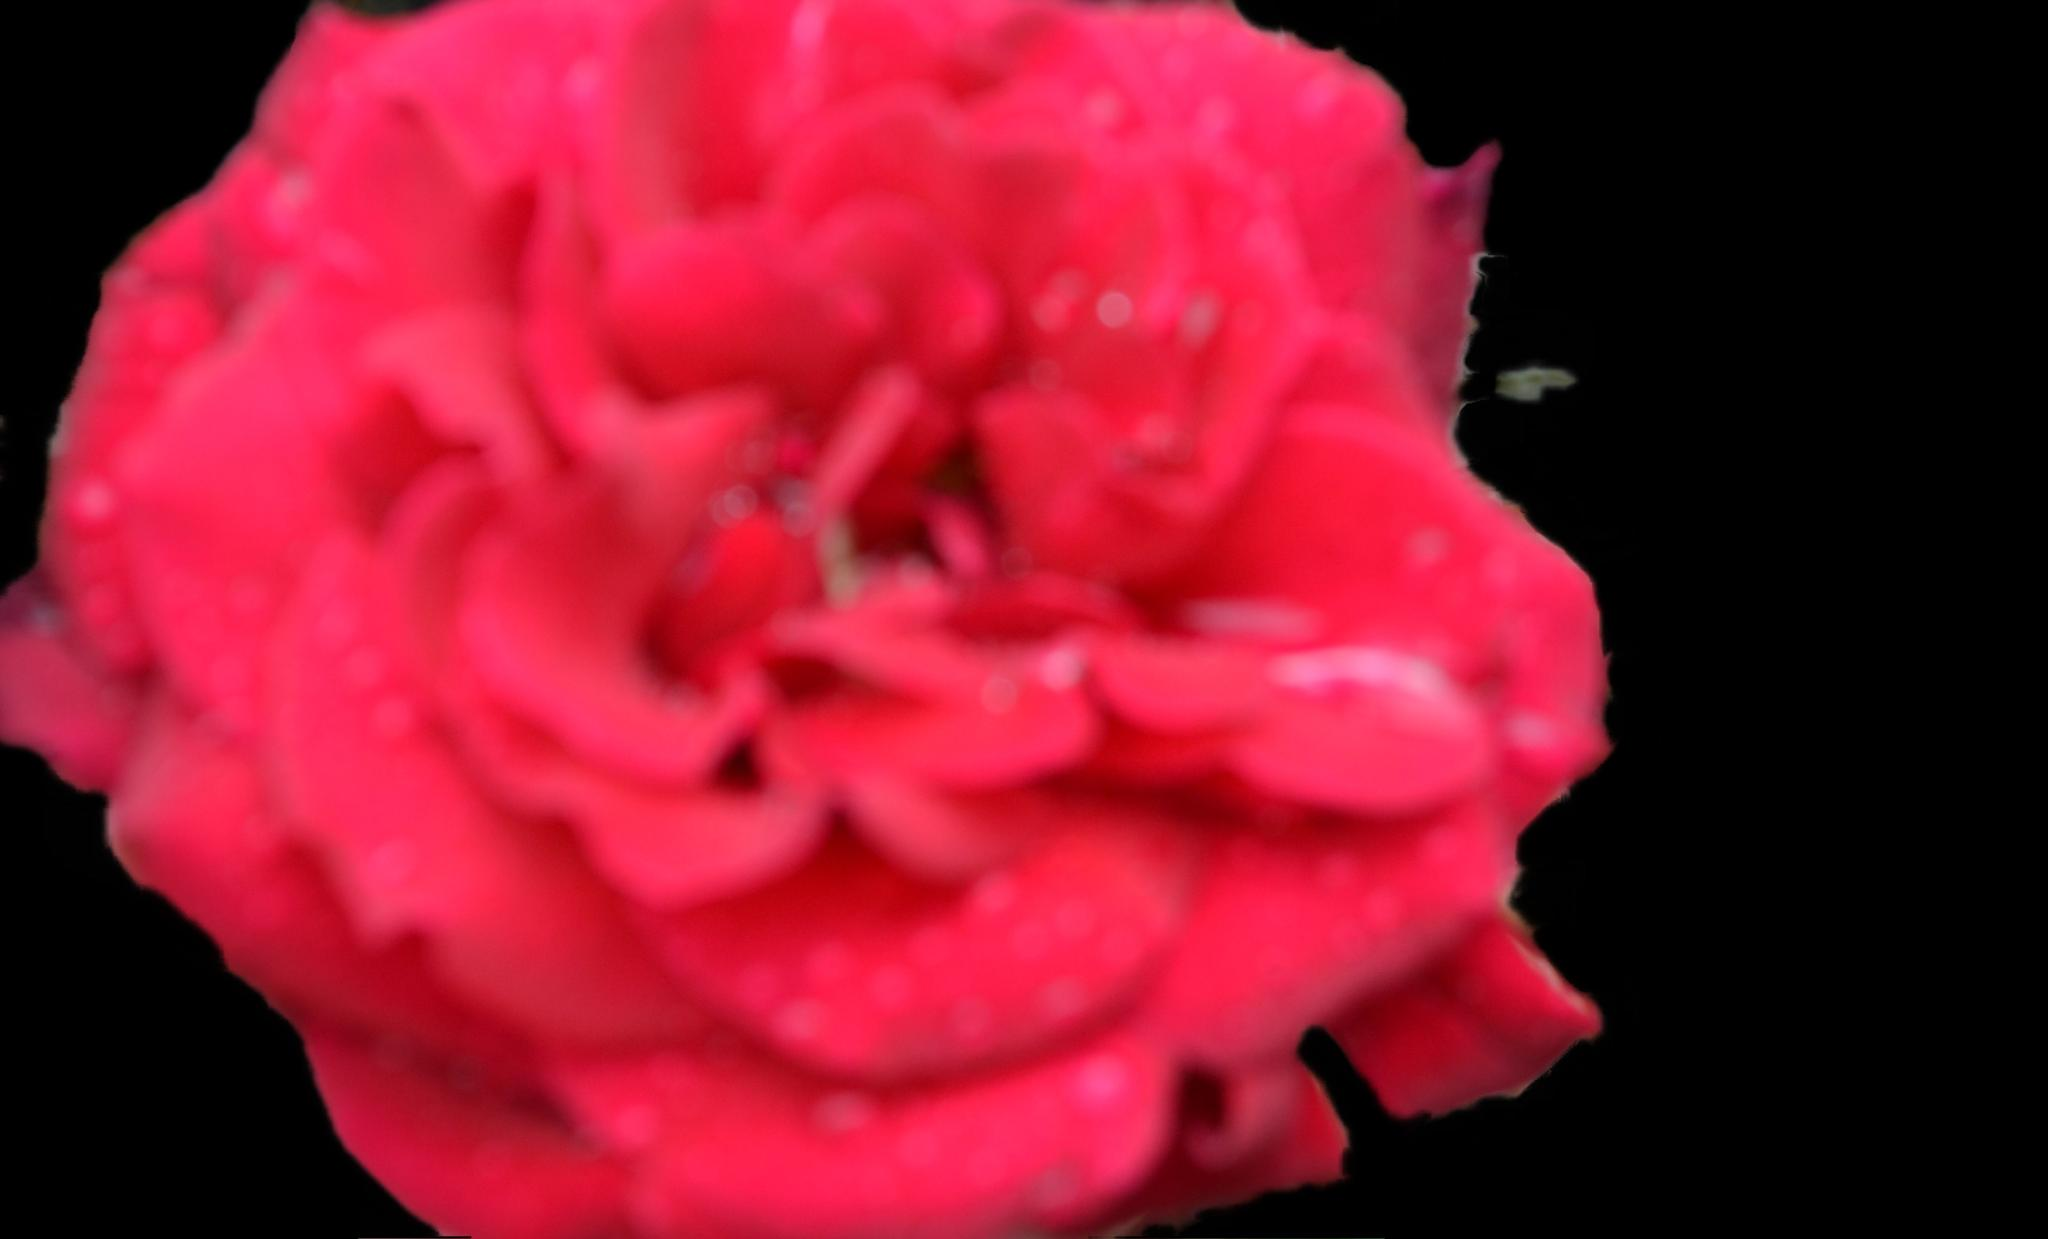 Red Rose Black Background by lindandarrell